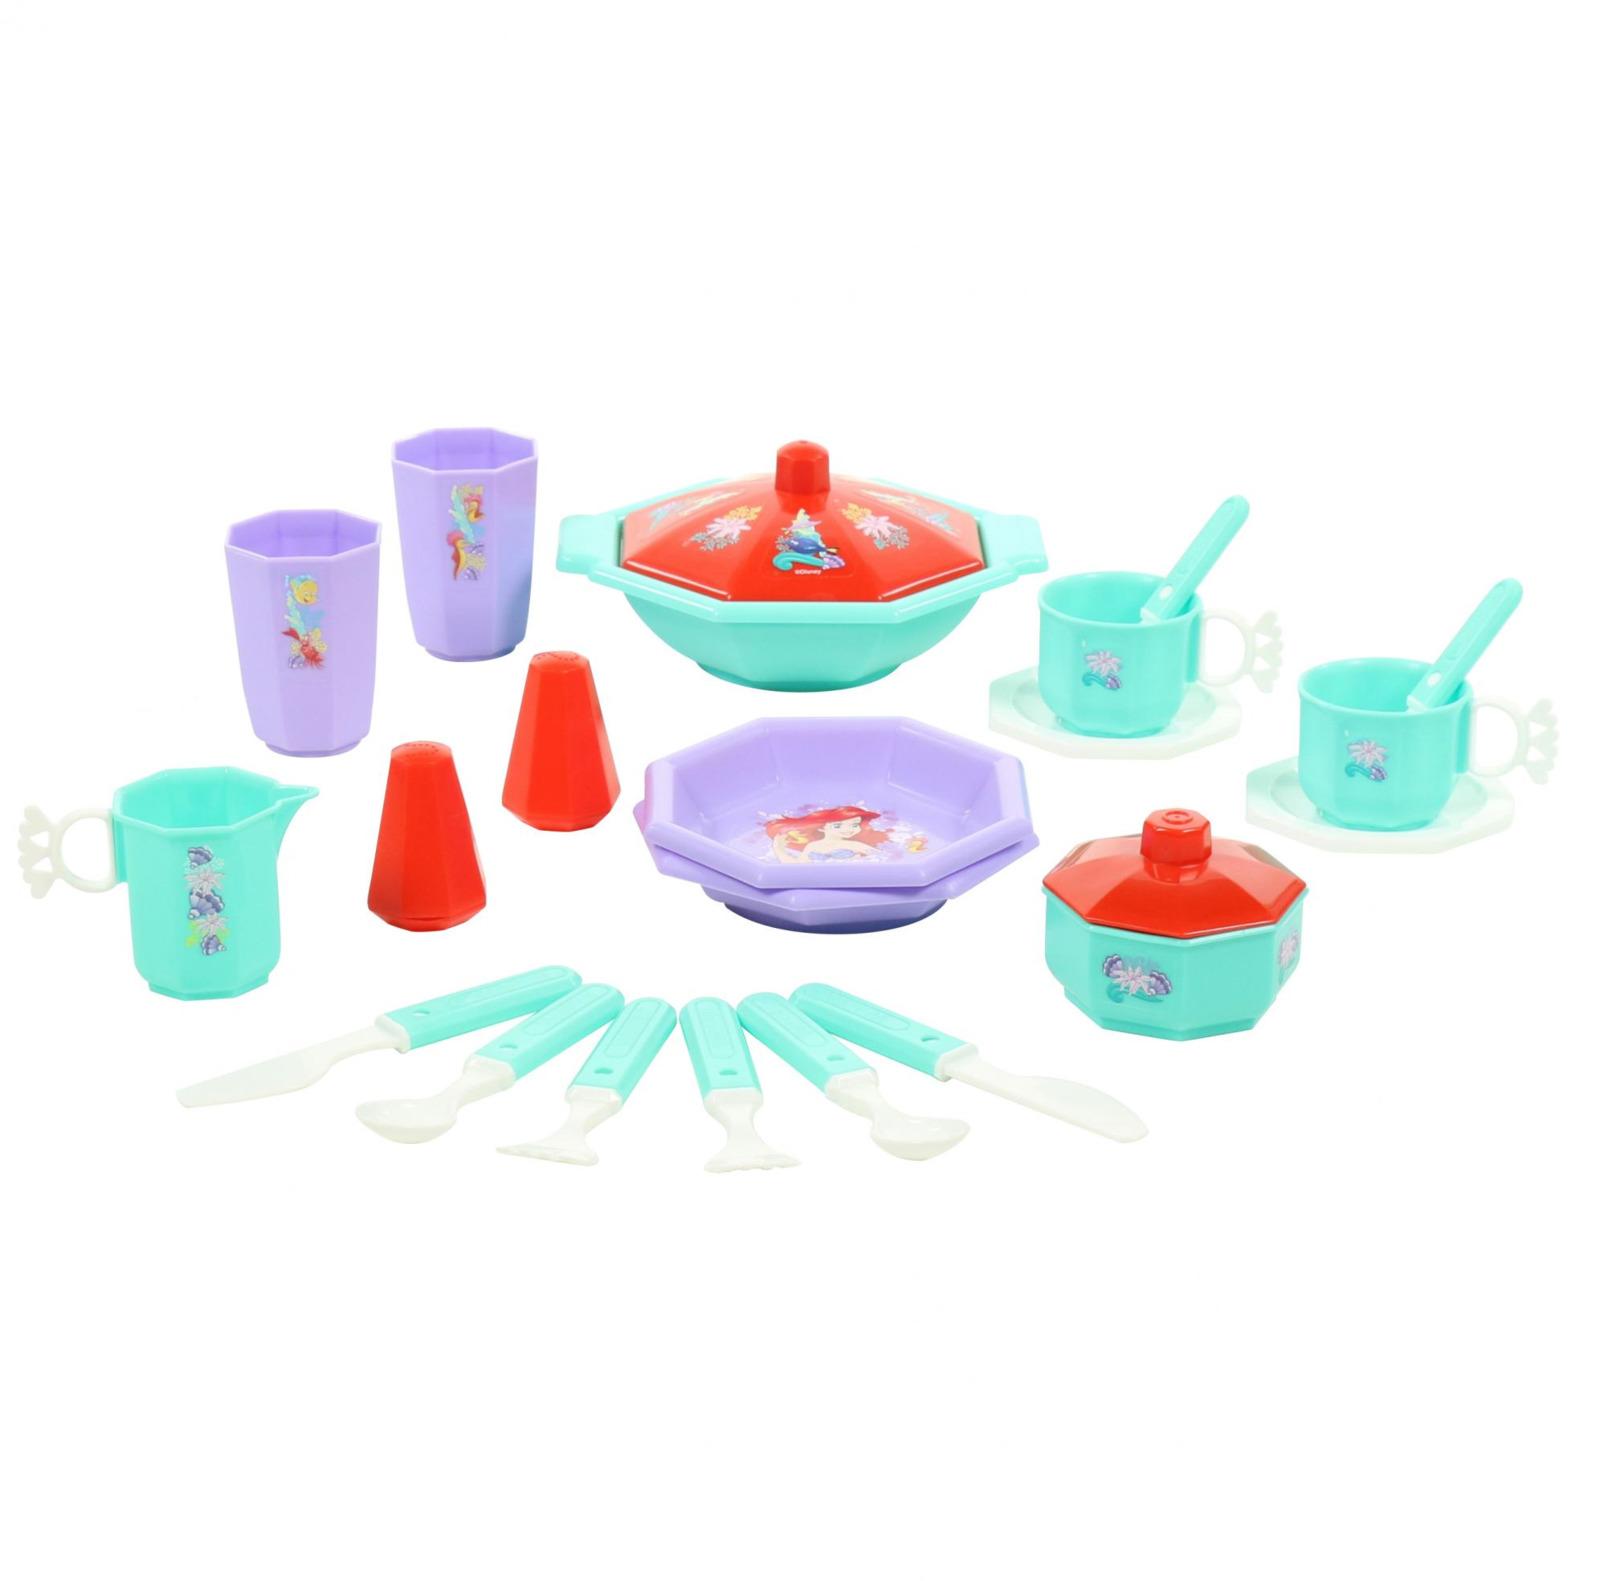 Фото - Набор Полесье Принцесса Ариэль. Готовим вместе, цвет в ассортименте полесье набор игрушек для песочницы 468 цвет в ассортименте